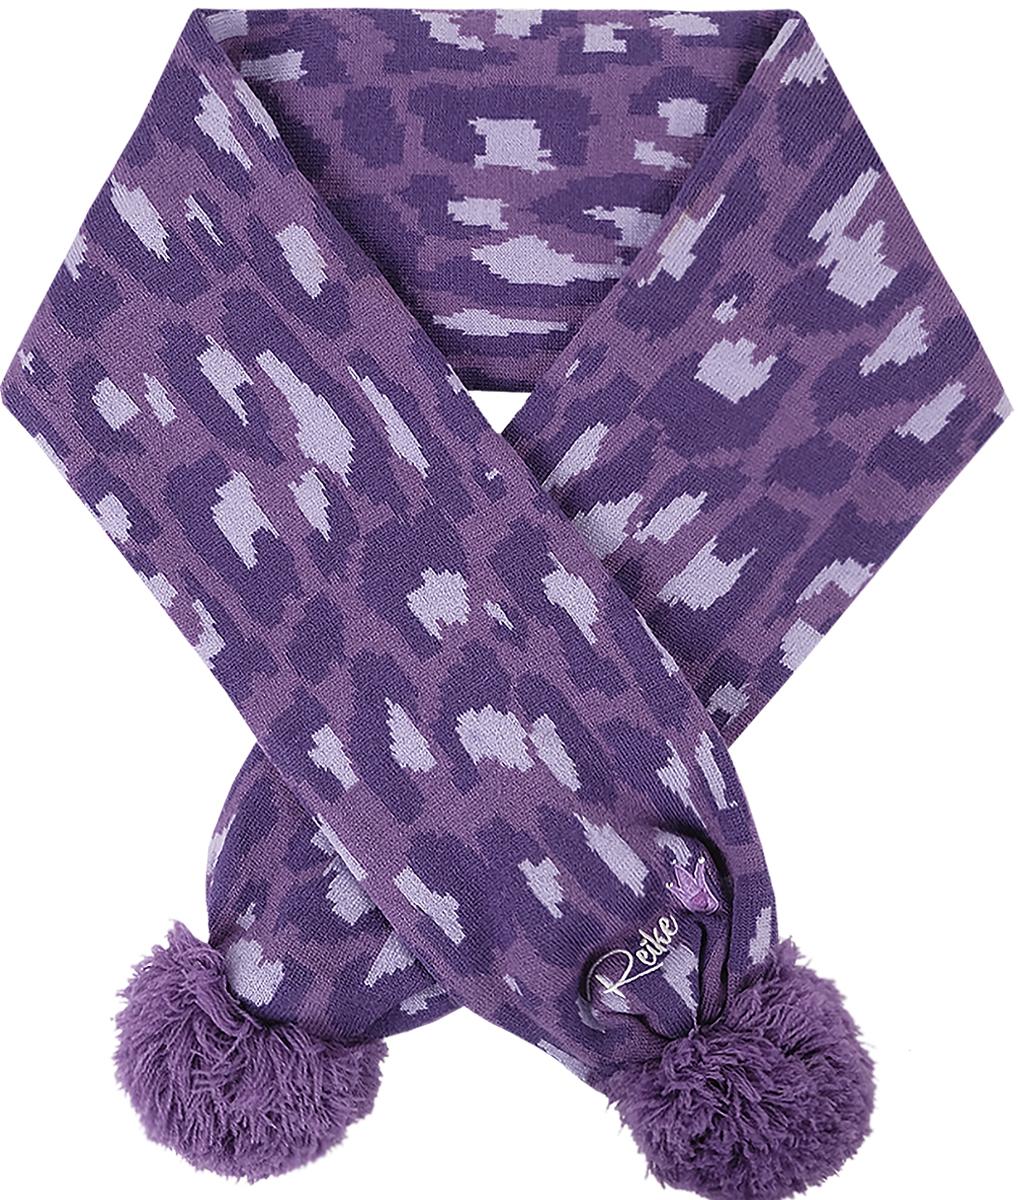 Шарф для девочек Reike, цвет: фиолетовый. RSC1718_FE purple. Размер универсальныйRSC1718_FE purple